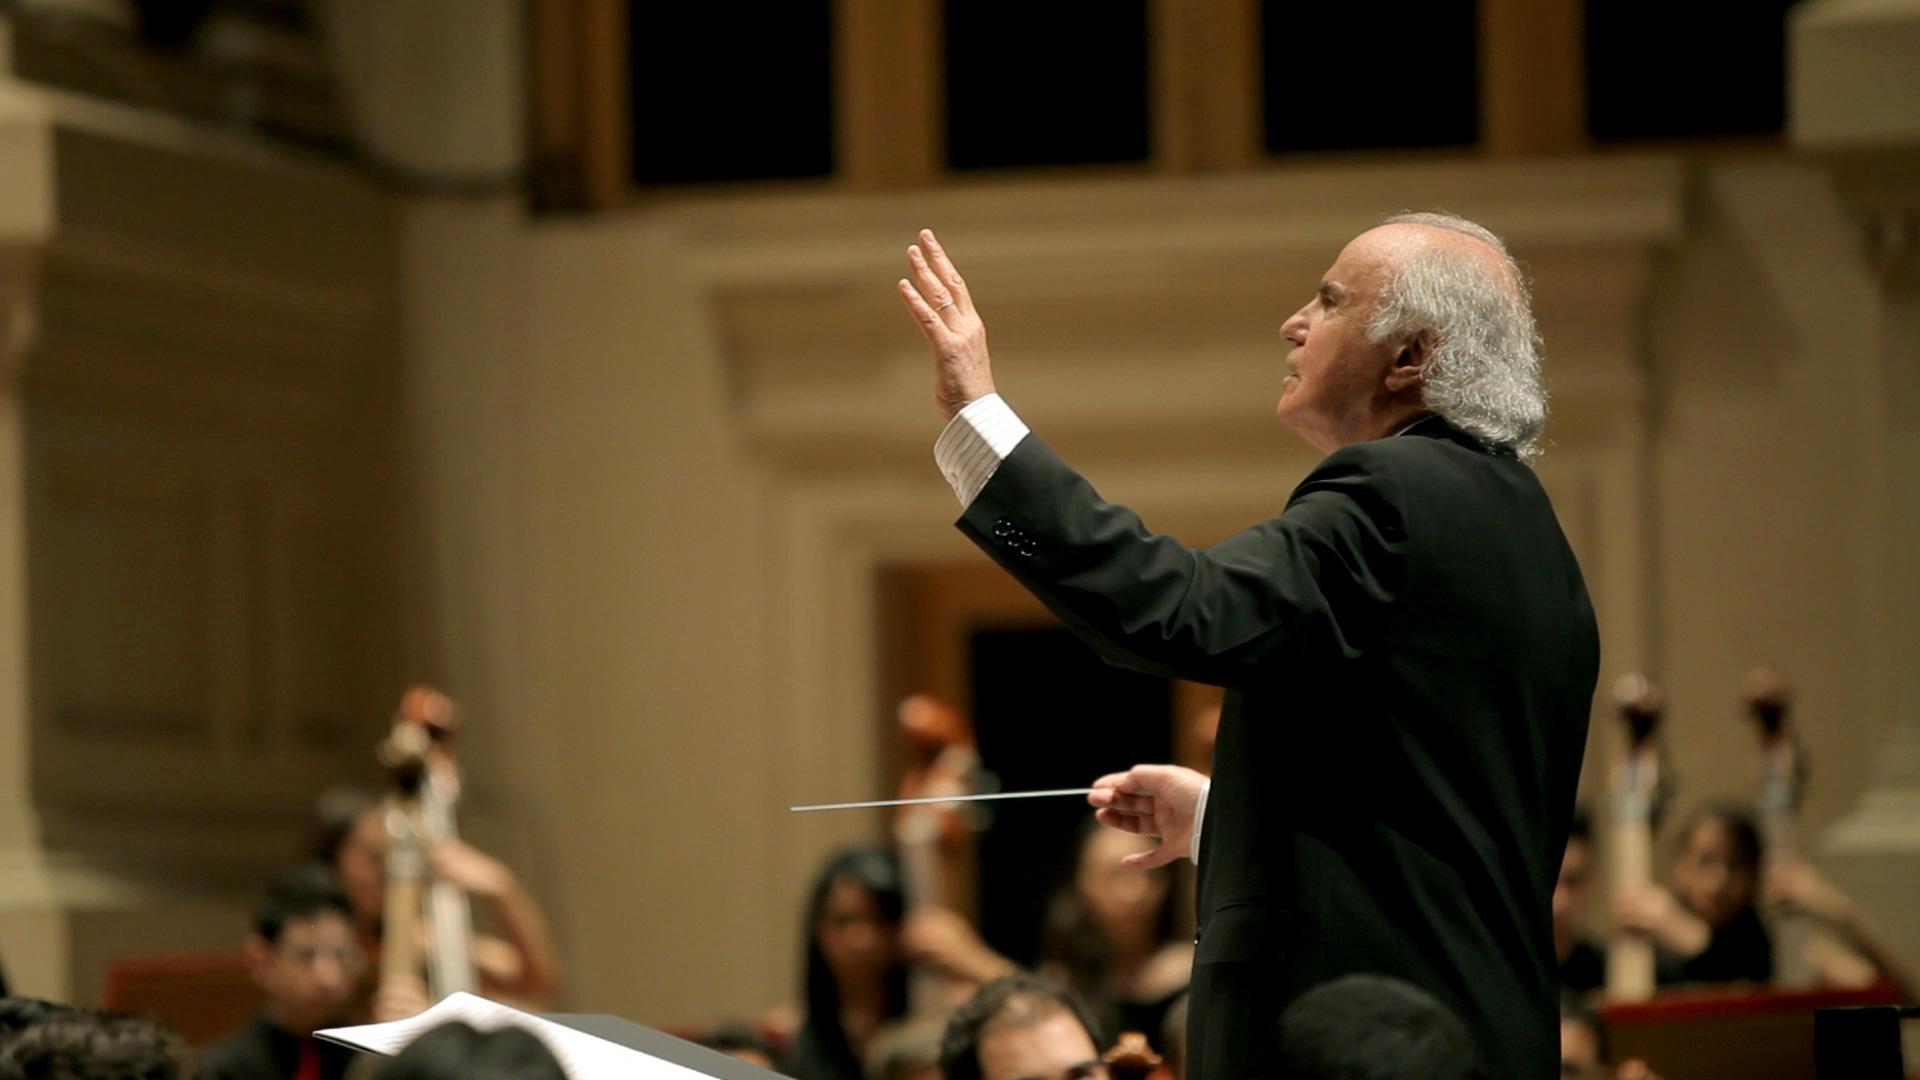 Maestro rege obras de Mahler e Ronaldo Miranda. Programa da TV Cultura vai ao ar no próximo sábado (27/2), às 21h30